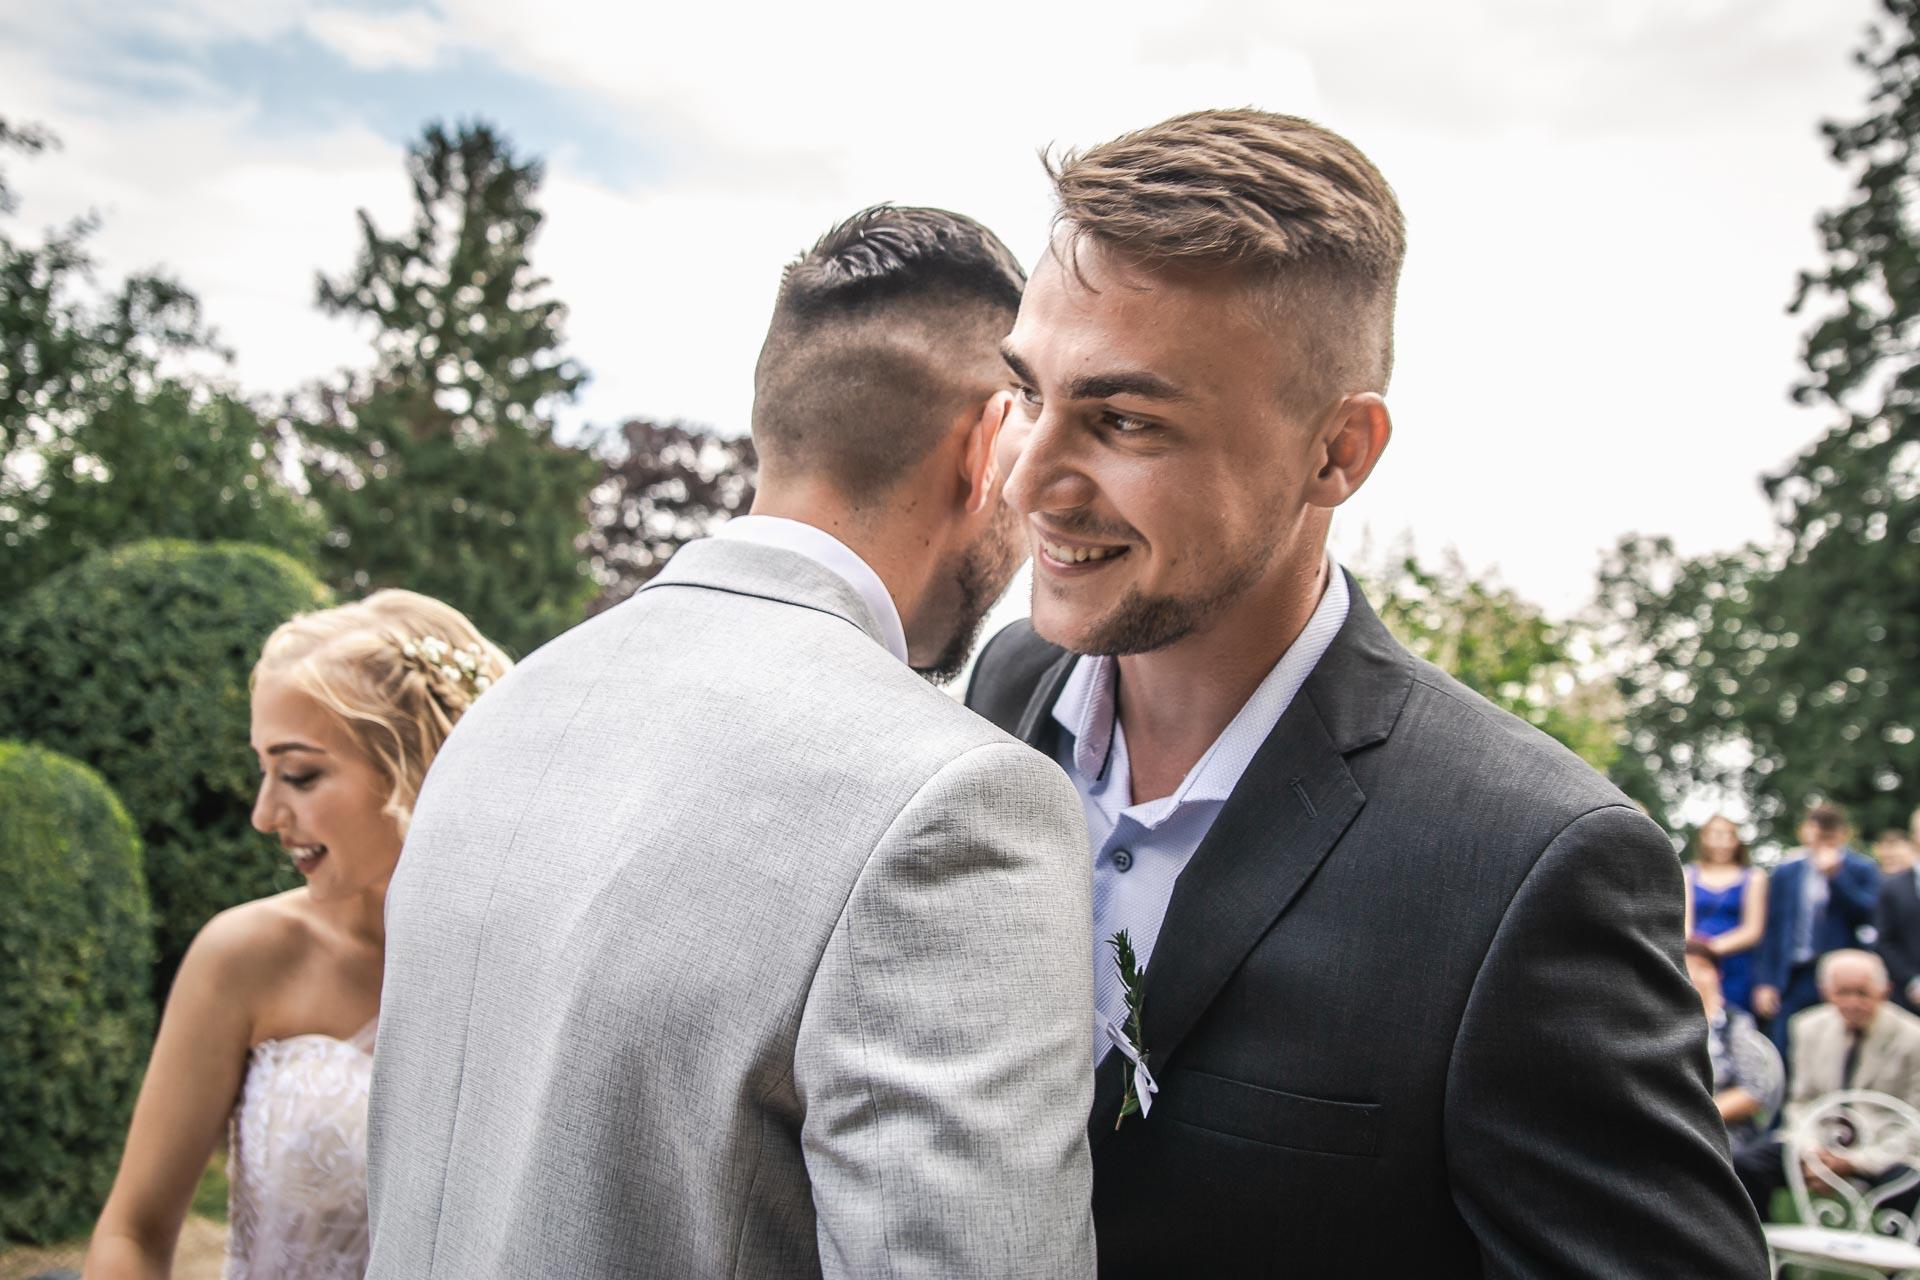 svatební-fotograf-zámek-Loučeň-svatební-video-zámek-Loučeň-3711